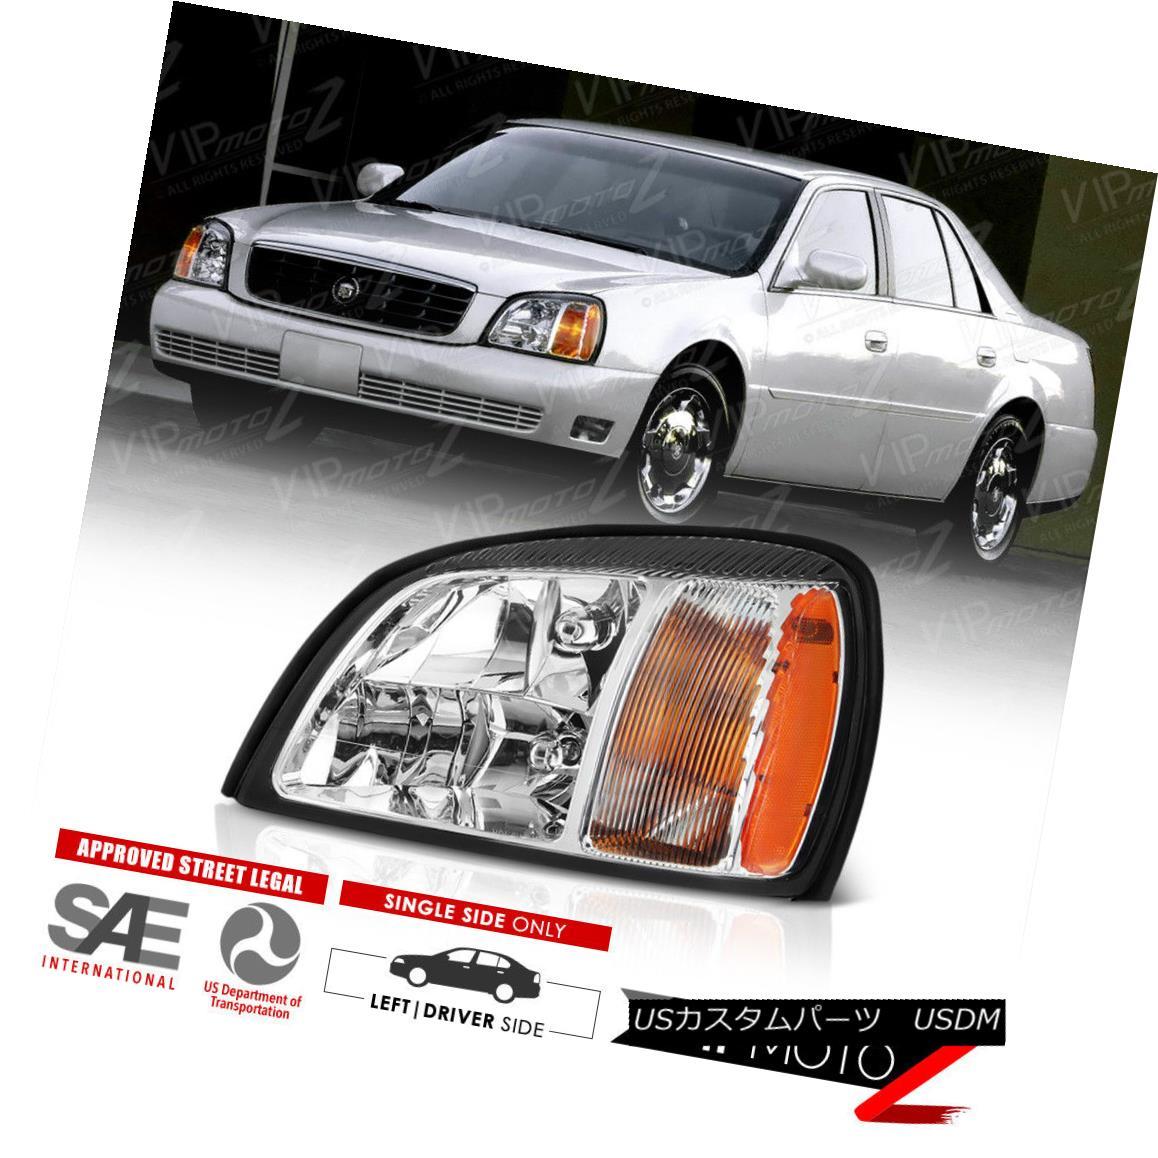 ヘッドライト 2000-2005 Cadillac DeVille Left DRIVER SIDE Headlights Headlamps Assembly New 2000-2005キャデラックDeVille左のドライバーサイドヘッドライトヘッドランプアセンブリ新